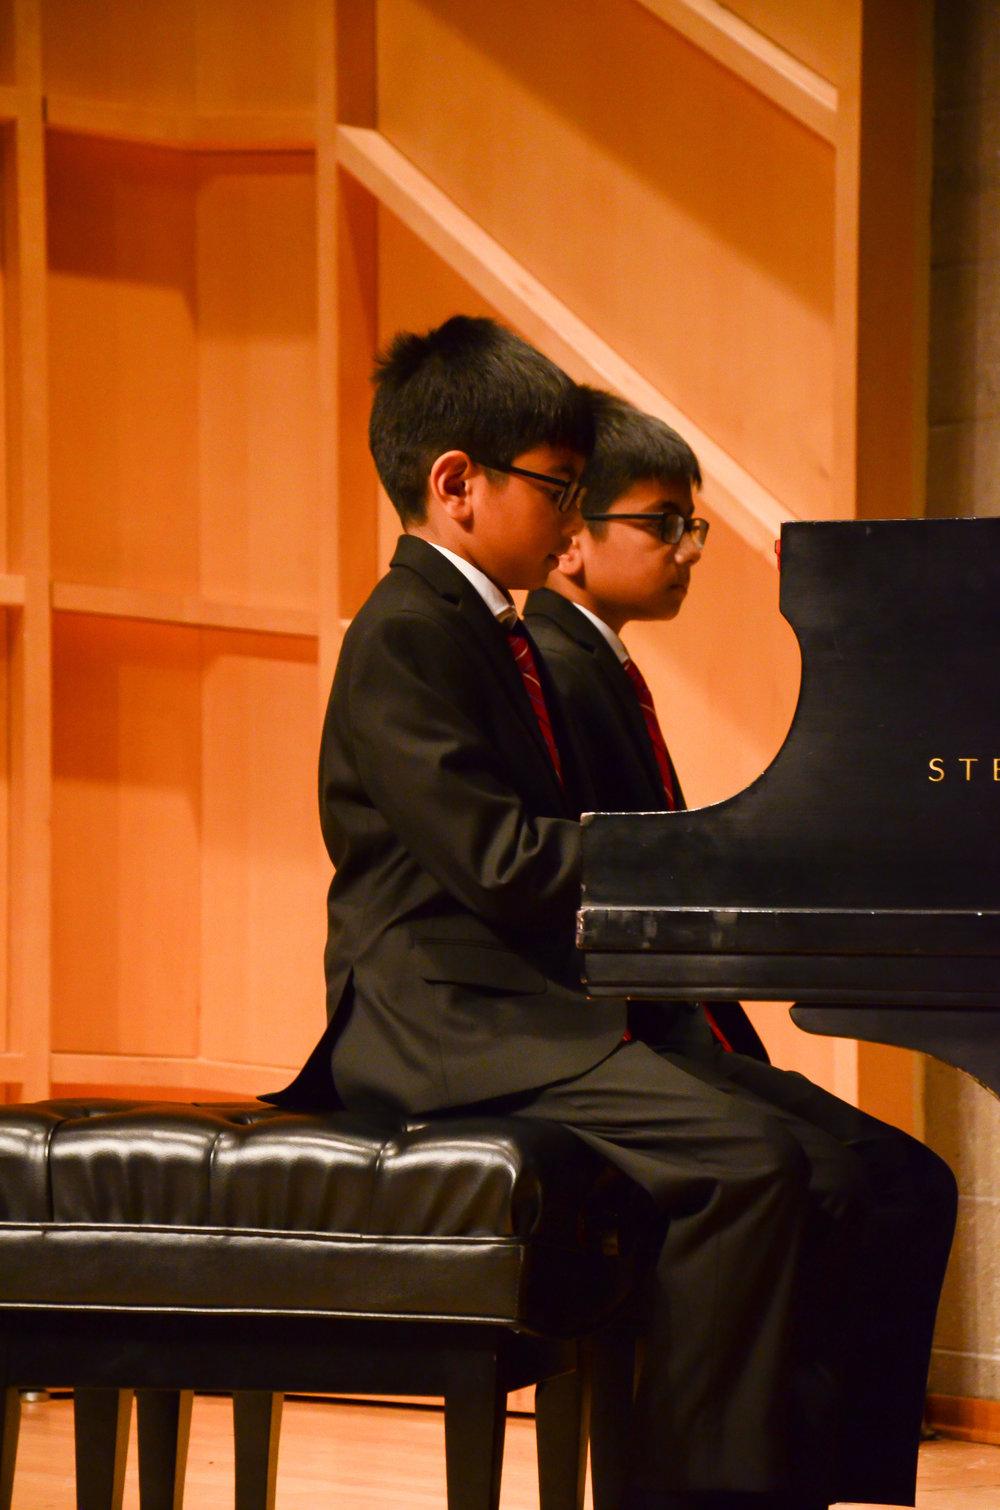 piano-22.jpg